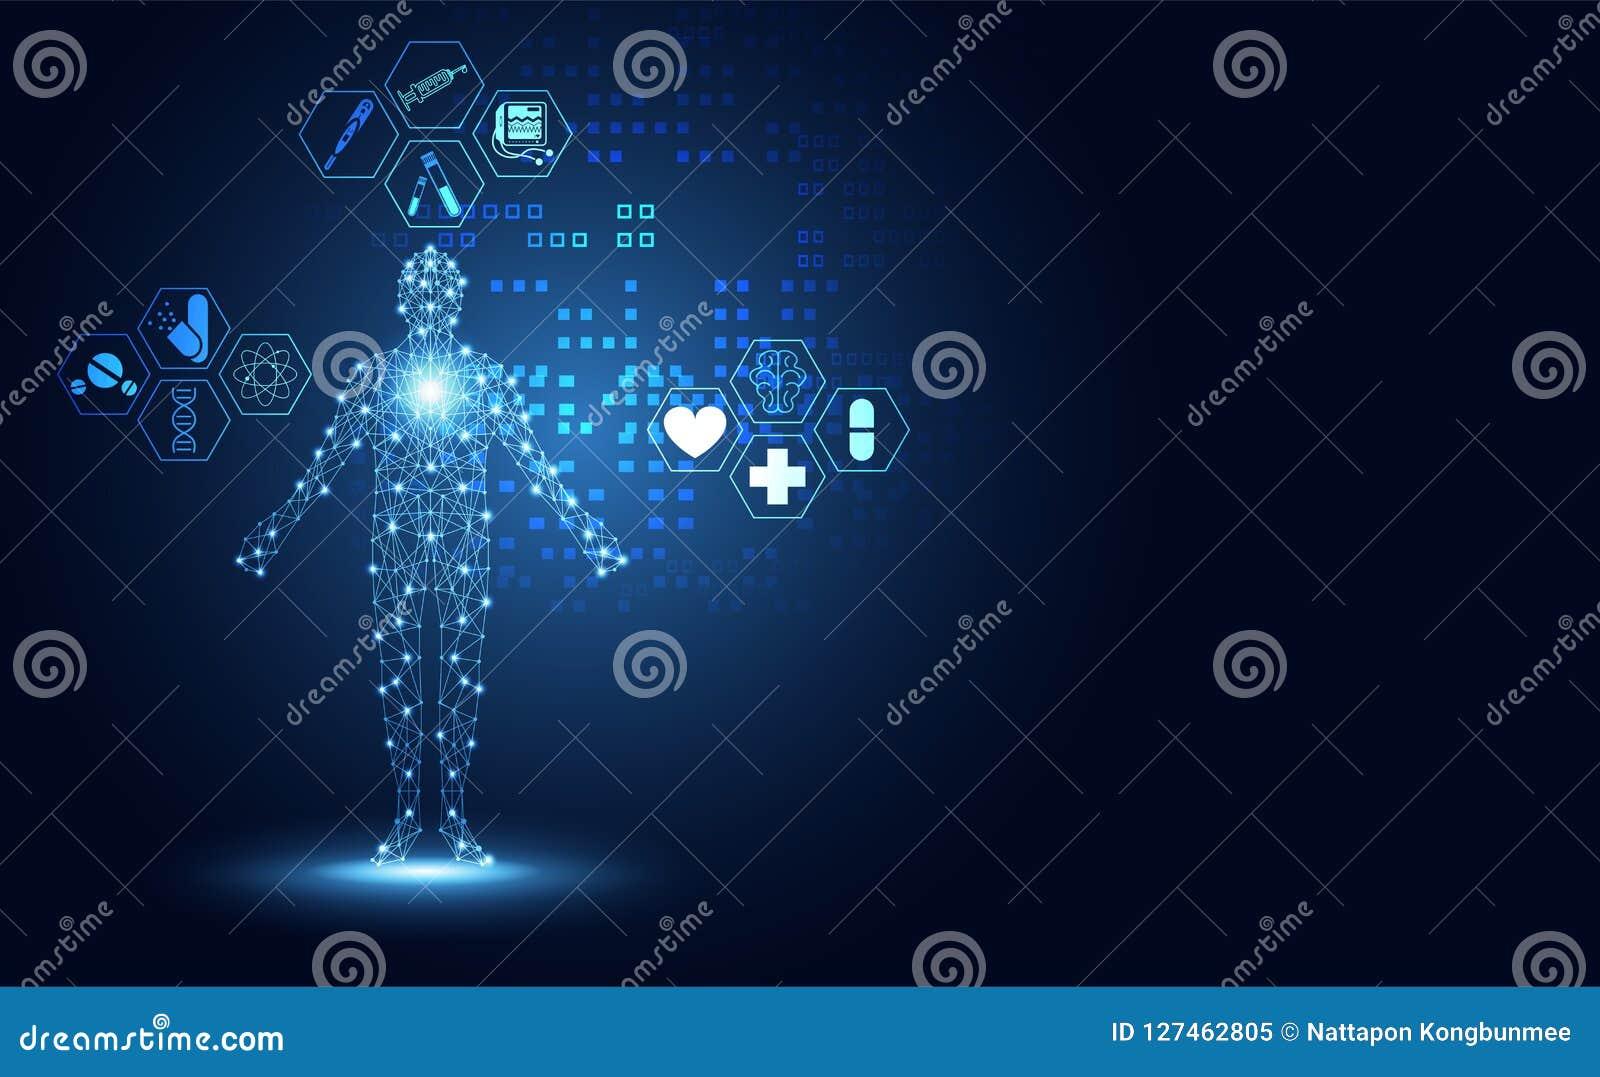 Menschliches digitales des abstrakten der Technologie digitalen Konzeptes der Gesundheit medizinischen